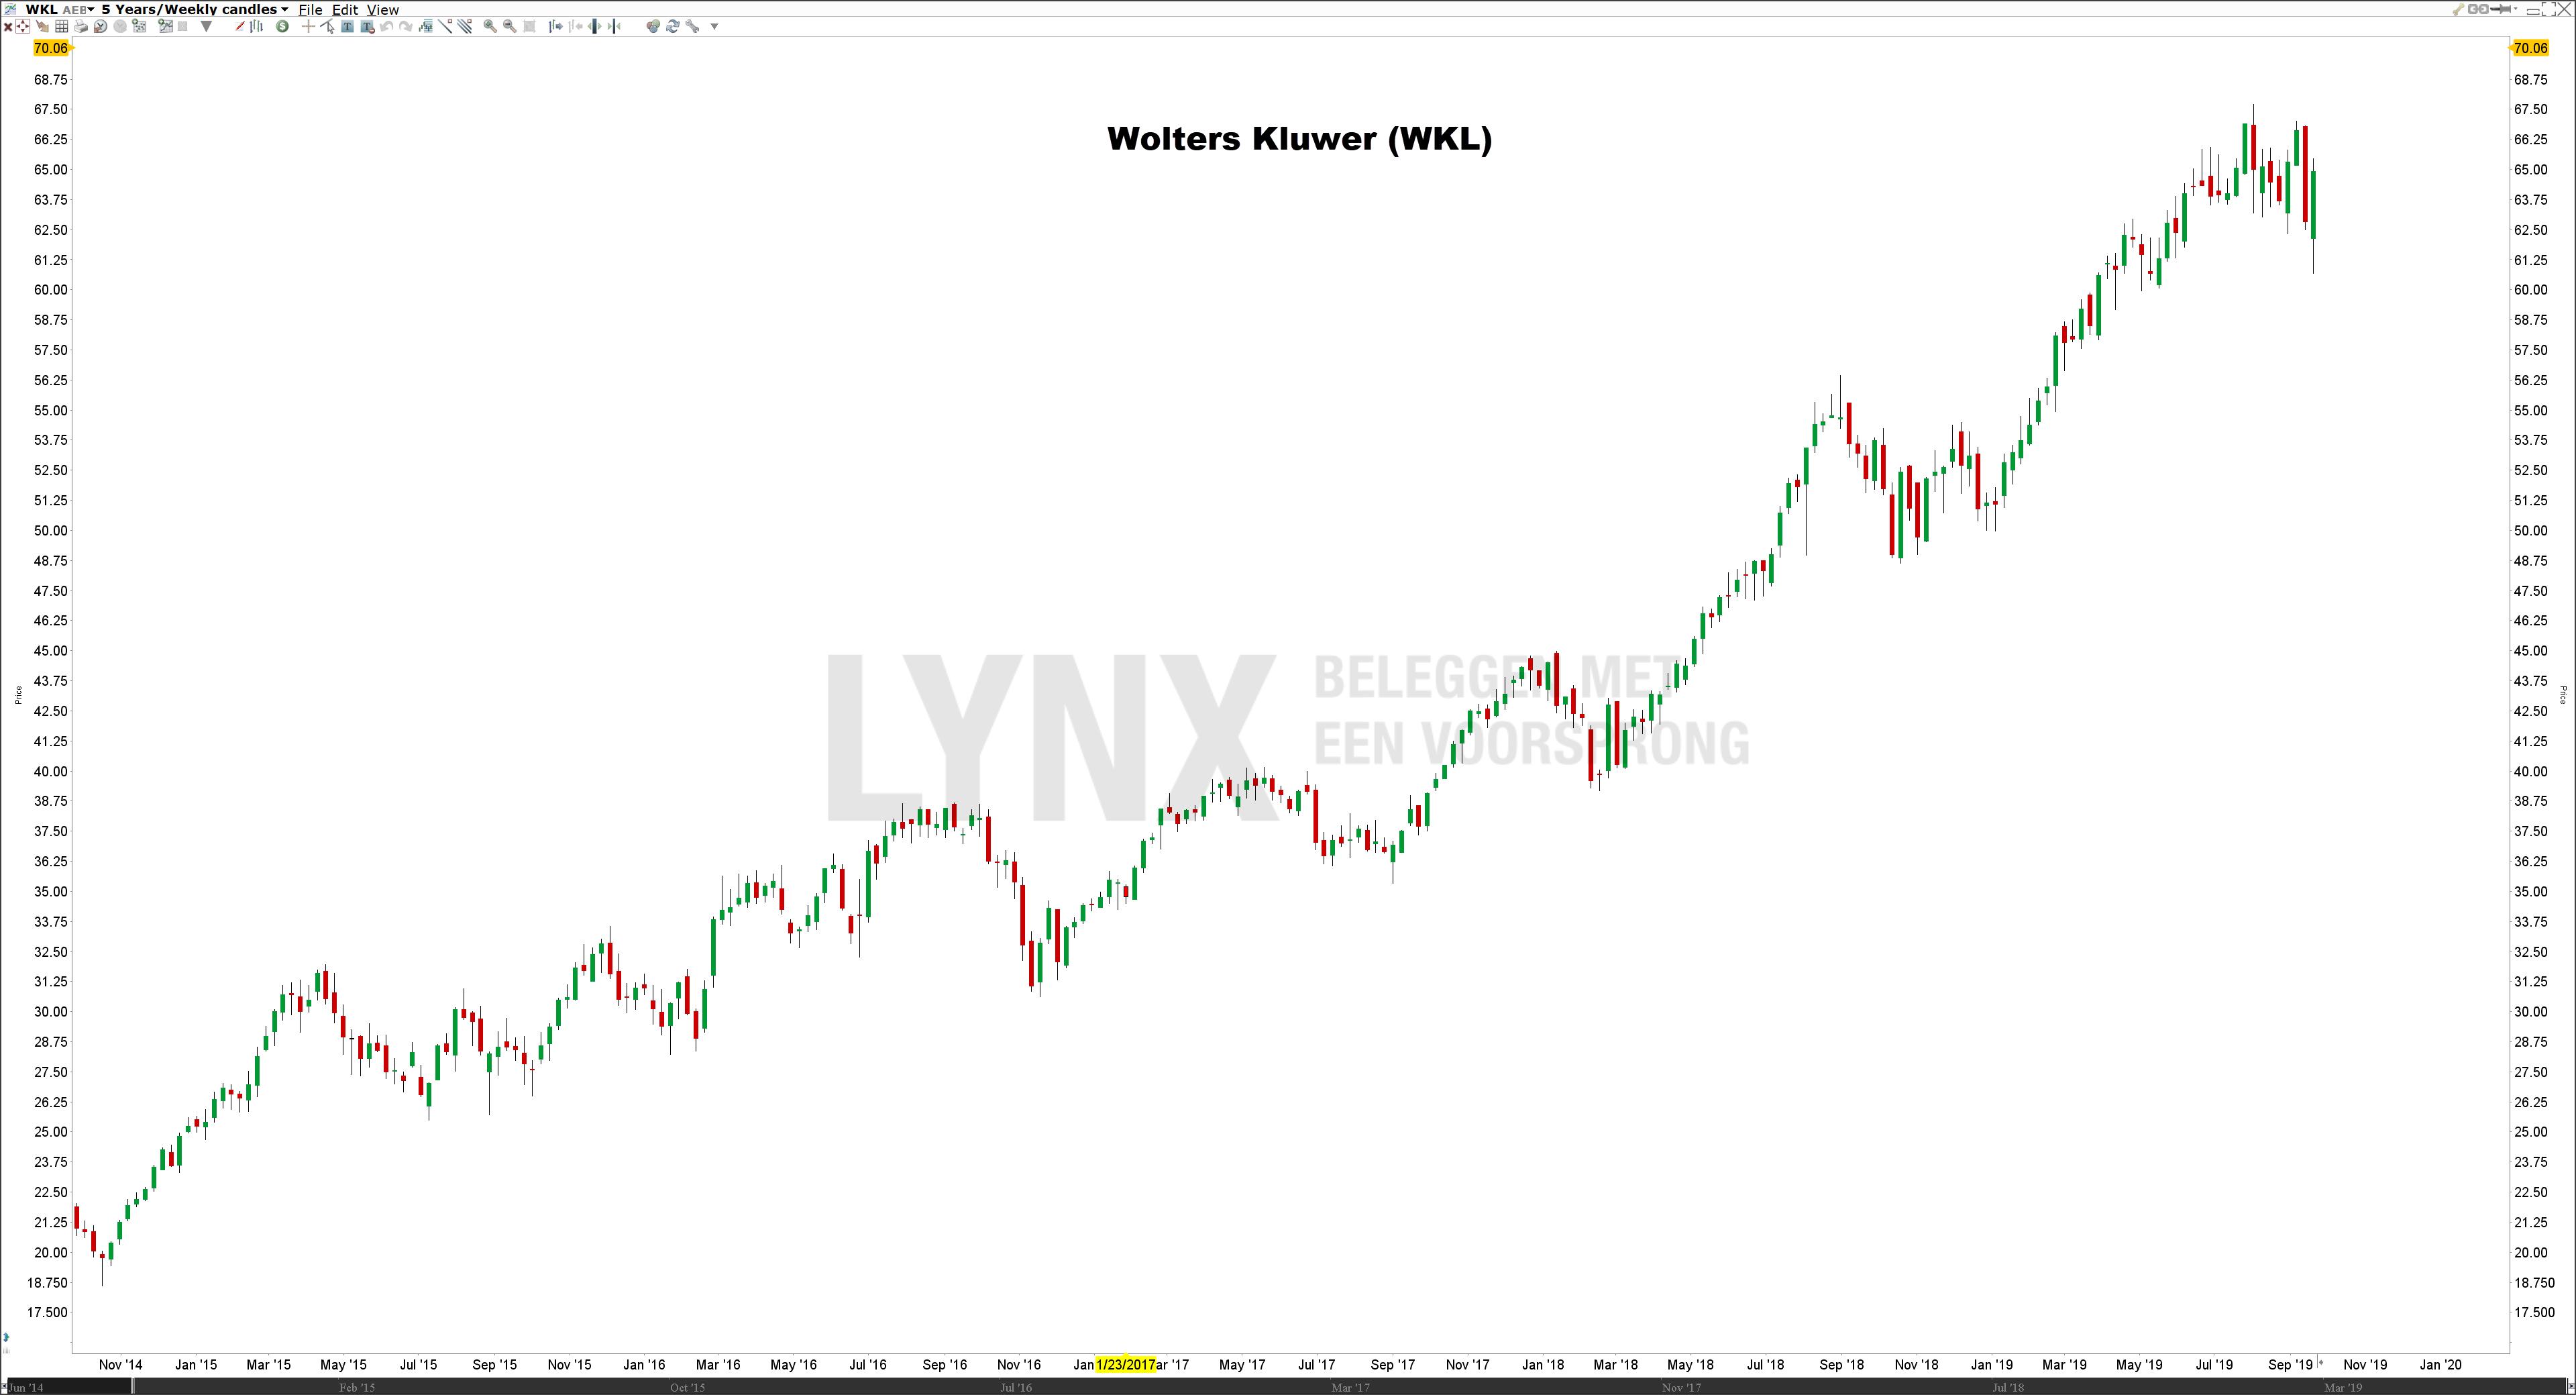 Koers aandeel Wolters Kluwer (WKL) - De beste defensieve aandelen